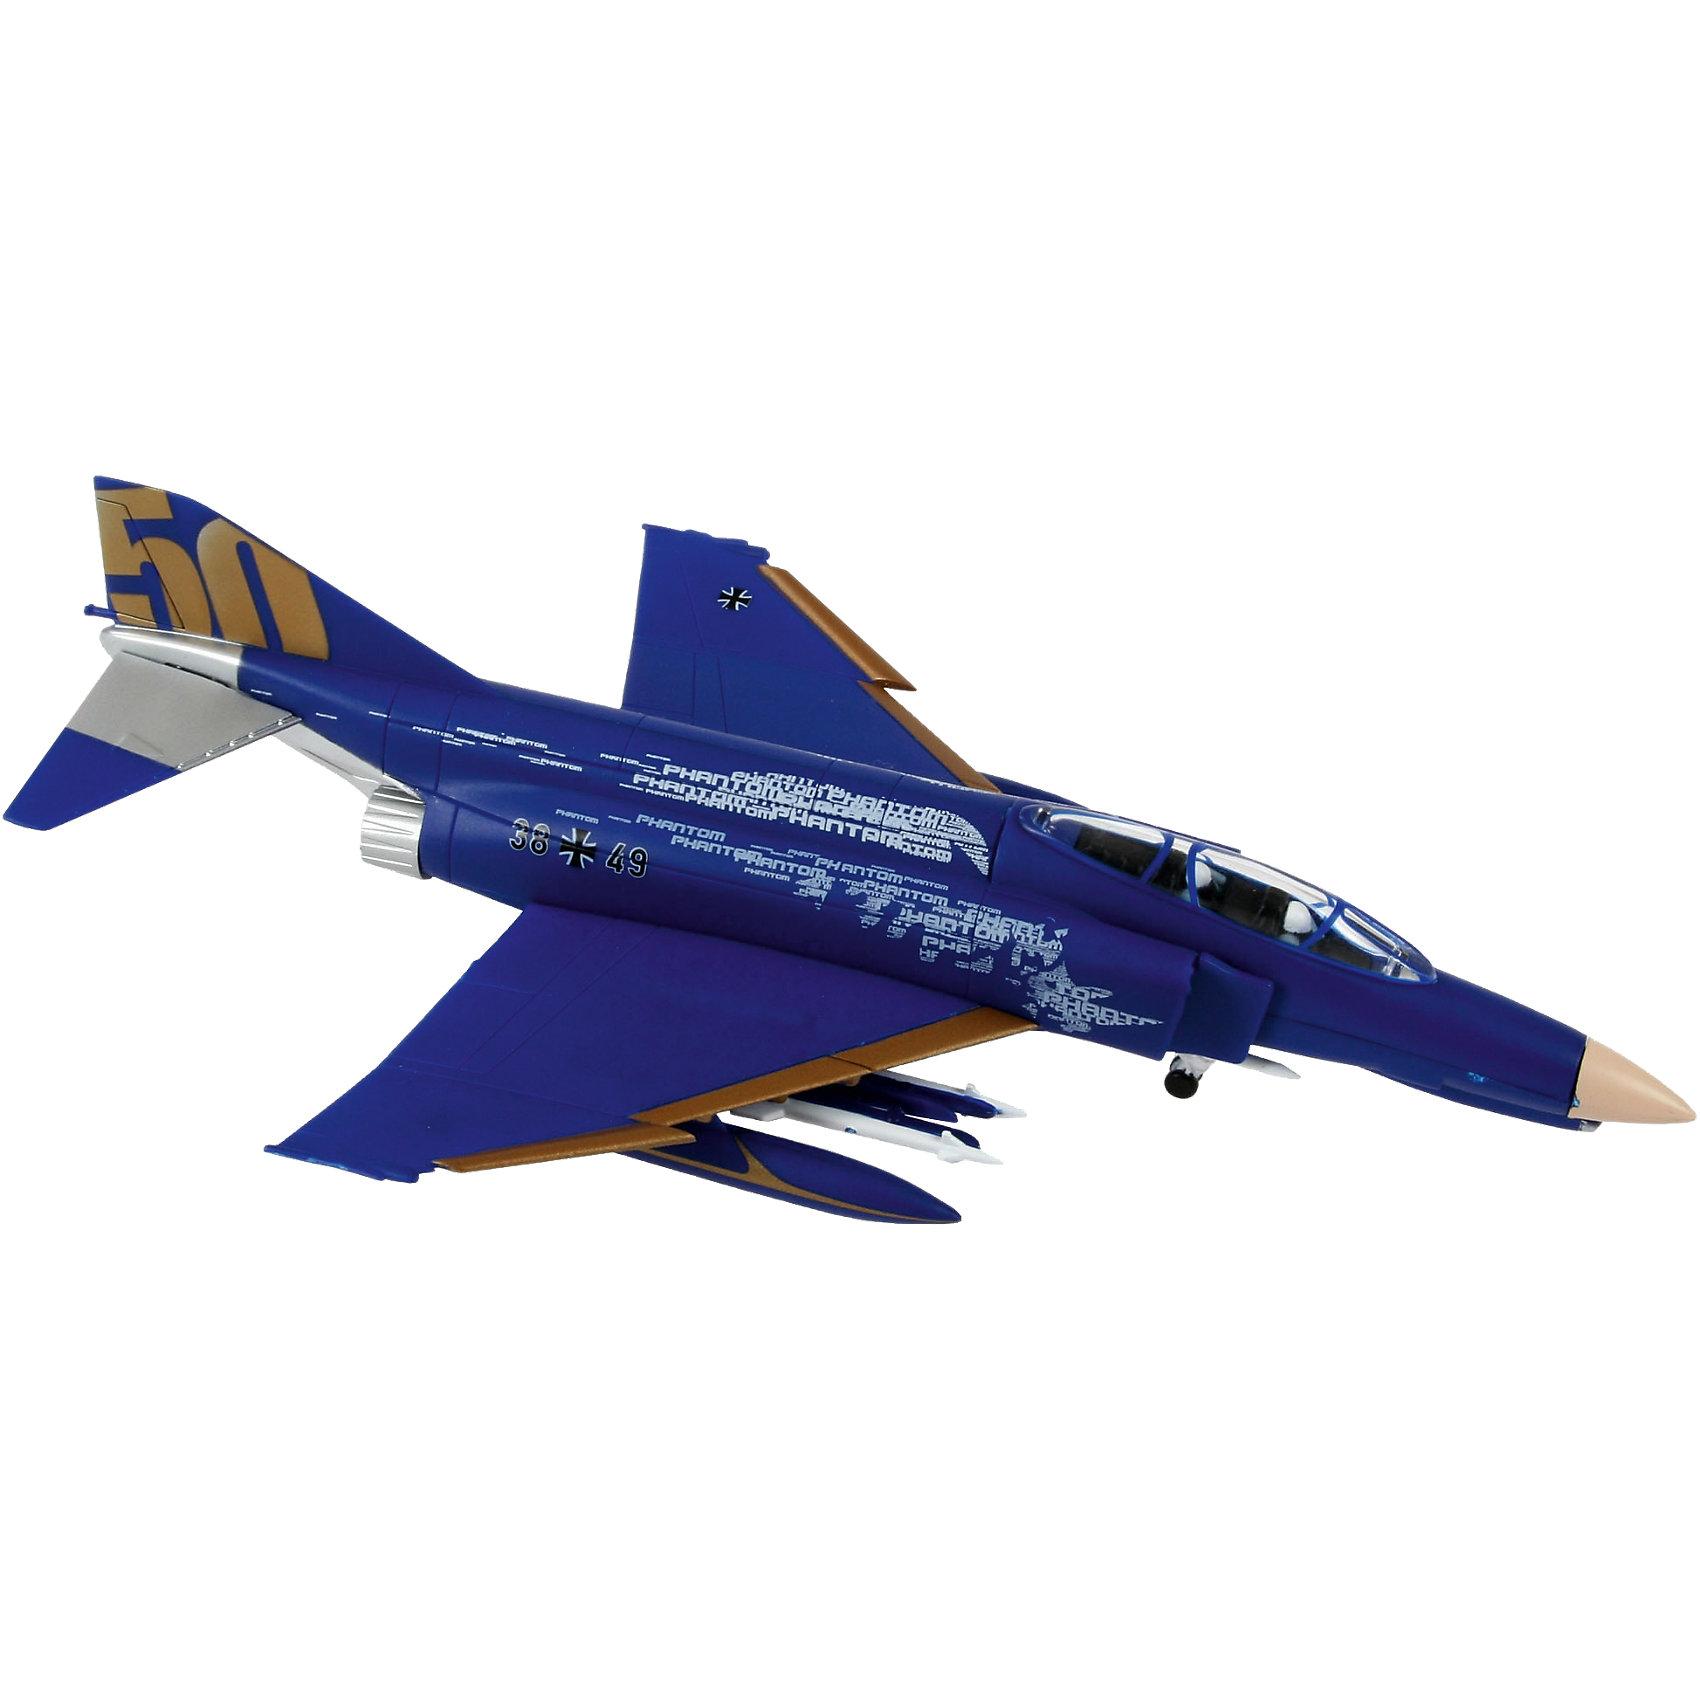 Сборка Самолет Истребитель F-4 PhantomМодели для склеивания<br>Масштаб: 1:200; <br><br>Количество деталей: 29 шт.; <br><br>Длина модели: 190 мм.; <br><br>Размах крыльев: 120 мм; <br><br>Подойдет для детей старше 10-и лет. <br><br>Модель самолета F-4 Phantom является уменьшенной копией одноименного боевого истребителя, впервые выпущенного  в 1958 году. <br><br>Технические характеристики настоящего самолета:  <br><br>Мощность двигателя: 2х8120 kp; <br><br>Максимальная скорость 2414 км/ч. <br><br>Для сборки этой модели клей и краски вам не потребуются, соединение деталей происходит посредством специальных зажимов!<br><br>Ширина мм: 245<br>Глубина мм: 154<br>Высота мм: 44<br>Вес г: 123<br>Возраст от месяцев: 72<br>Возраст до месяцев: 132<br>Пол: Мужской<br>Возраст: Детский<br>SKU: 2412658